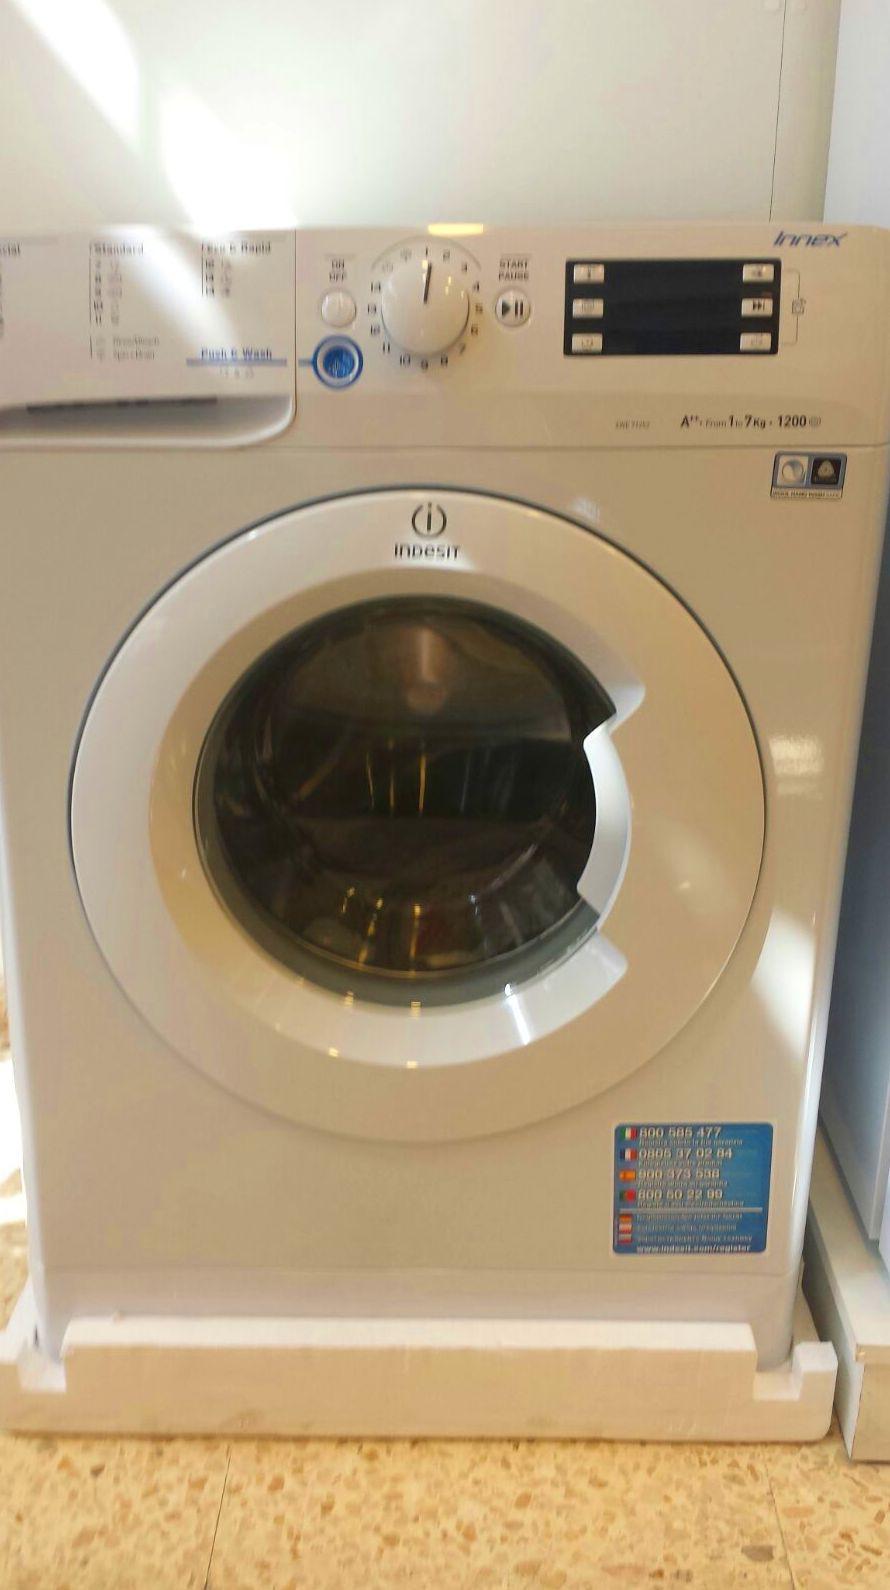 Oferta lavadoras Huelva. El Titan